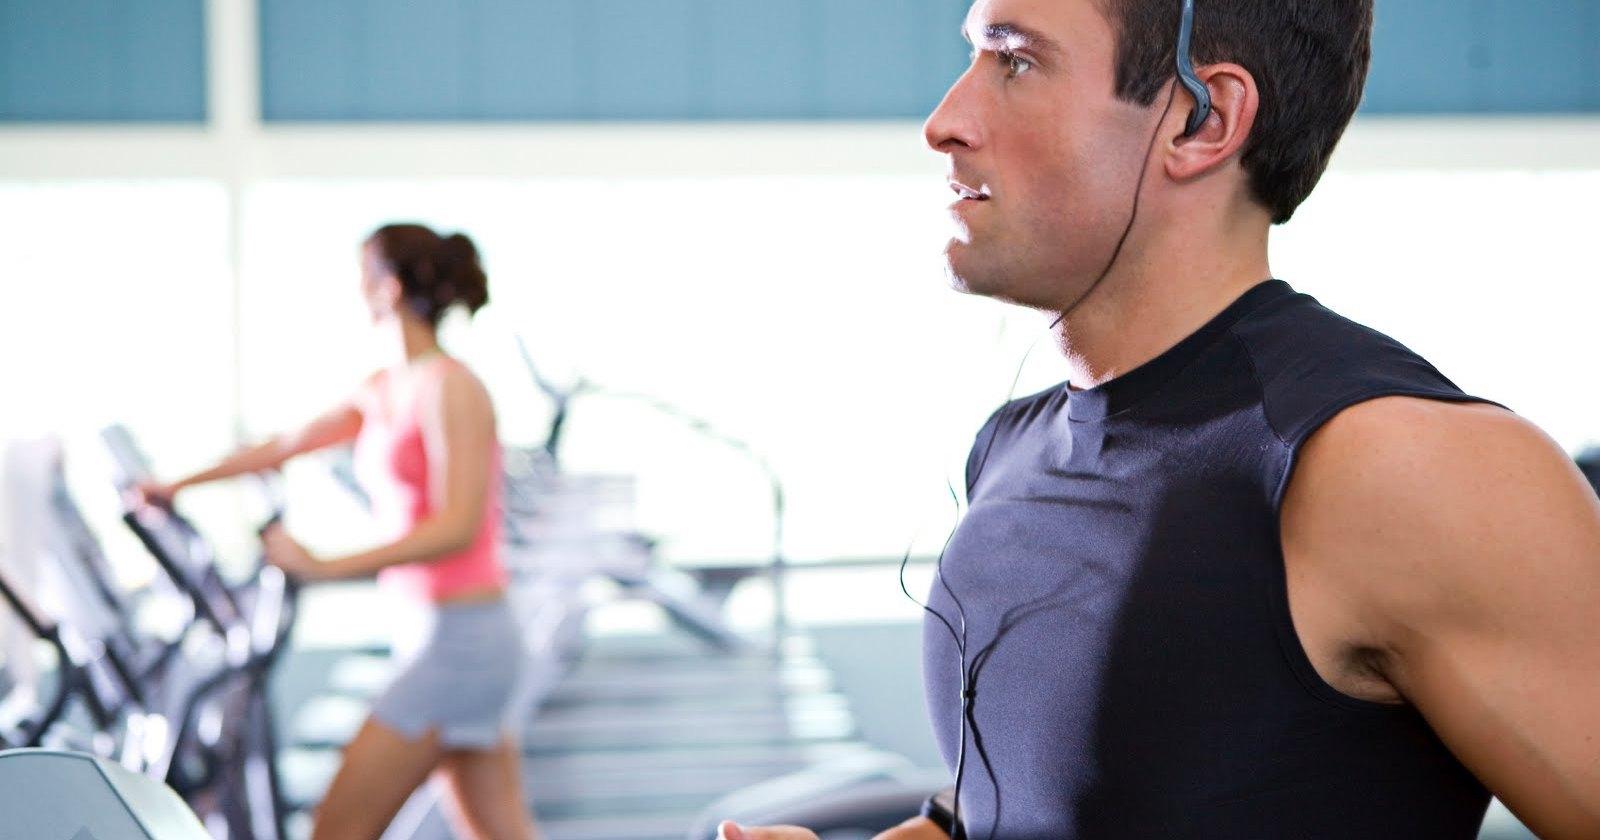 Быстрая музыка способна облегчить занятия спортом